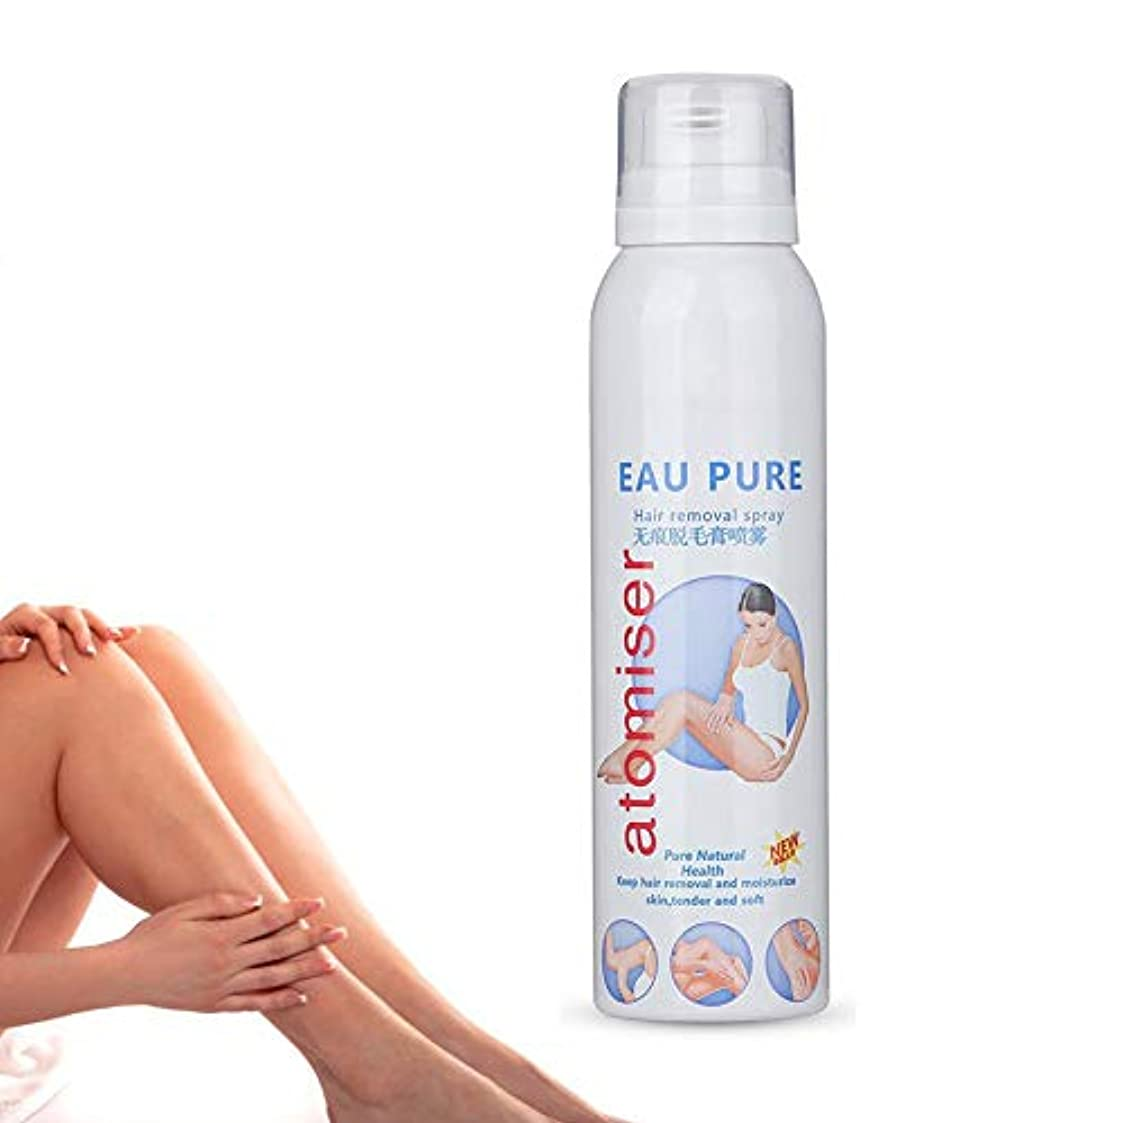 邪魔するサイトラインマウス泡の毛の取り外しのスプレー、130ML SPF30 +日焼け止めの泡の穏やかなボディを悩ませない傷害無し脱毛のムースクリーム女性と男性の両方